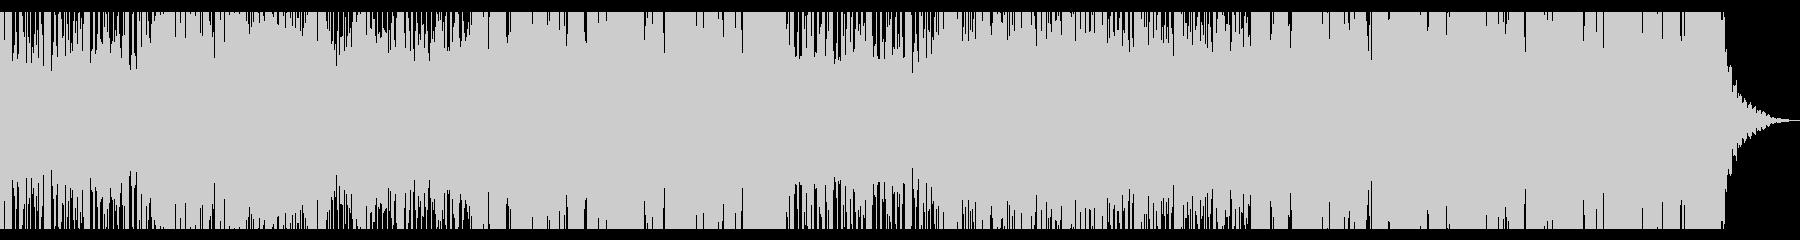 洋楽系トロピカルハウス チルアウトの未再生の波形